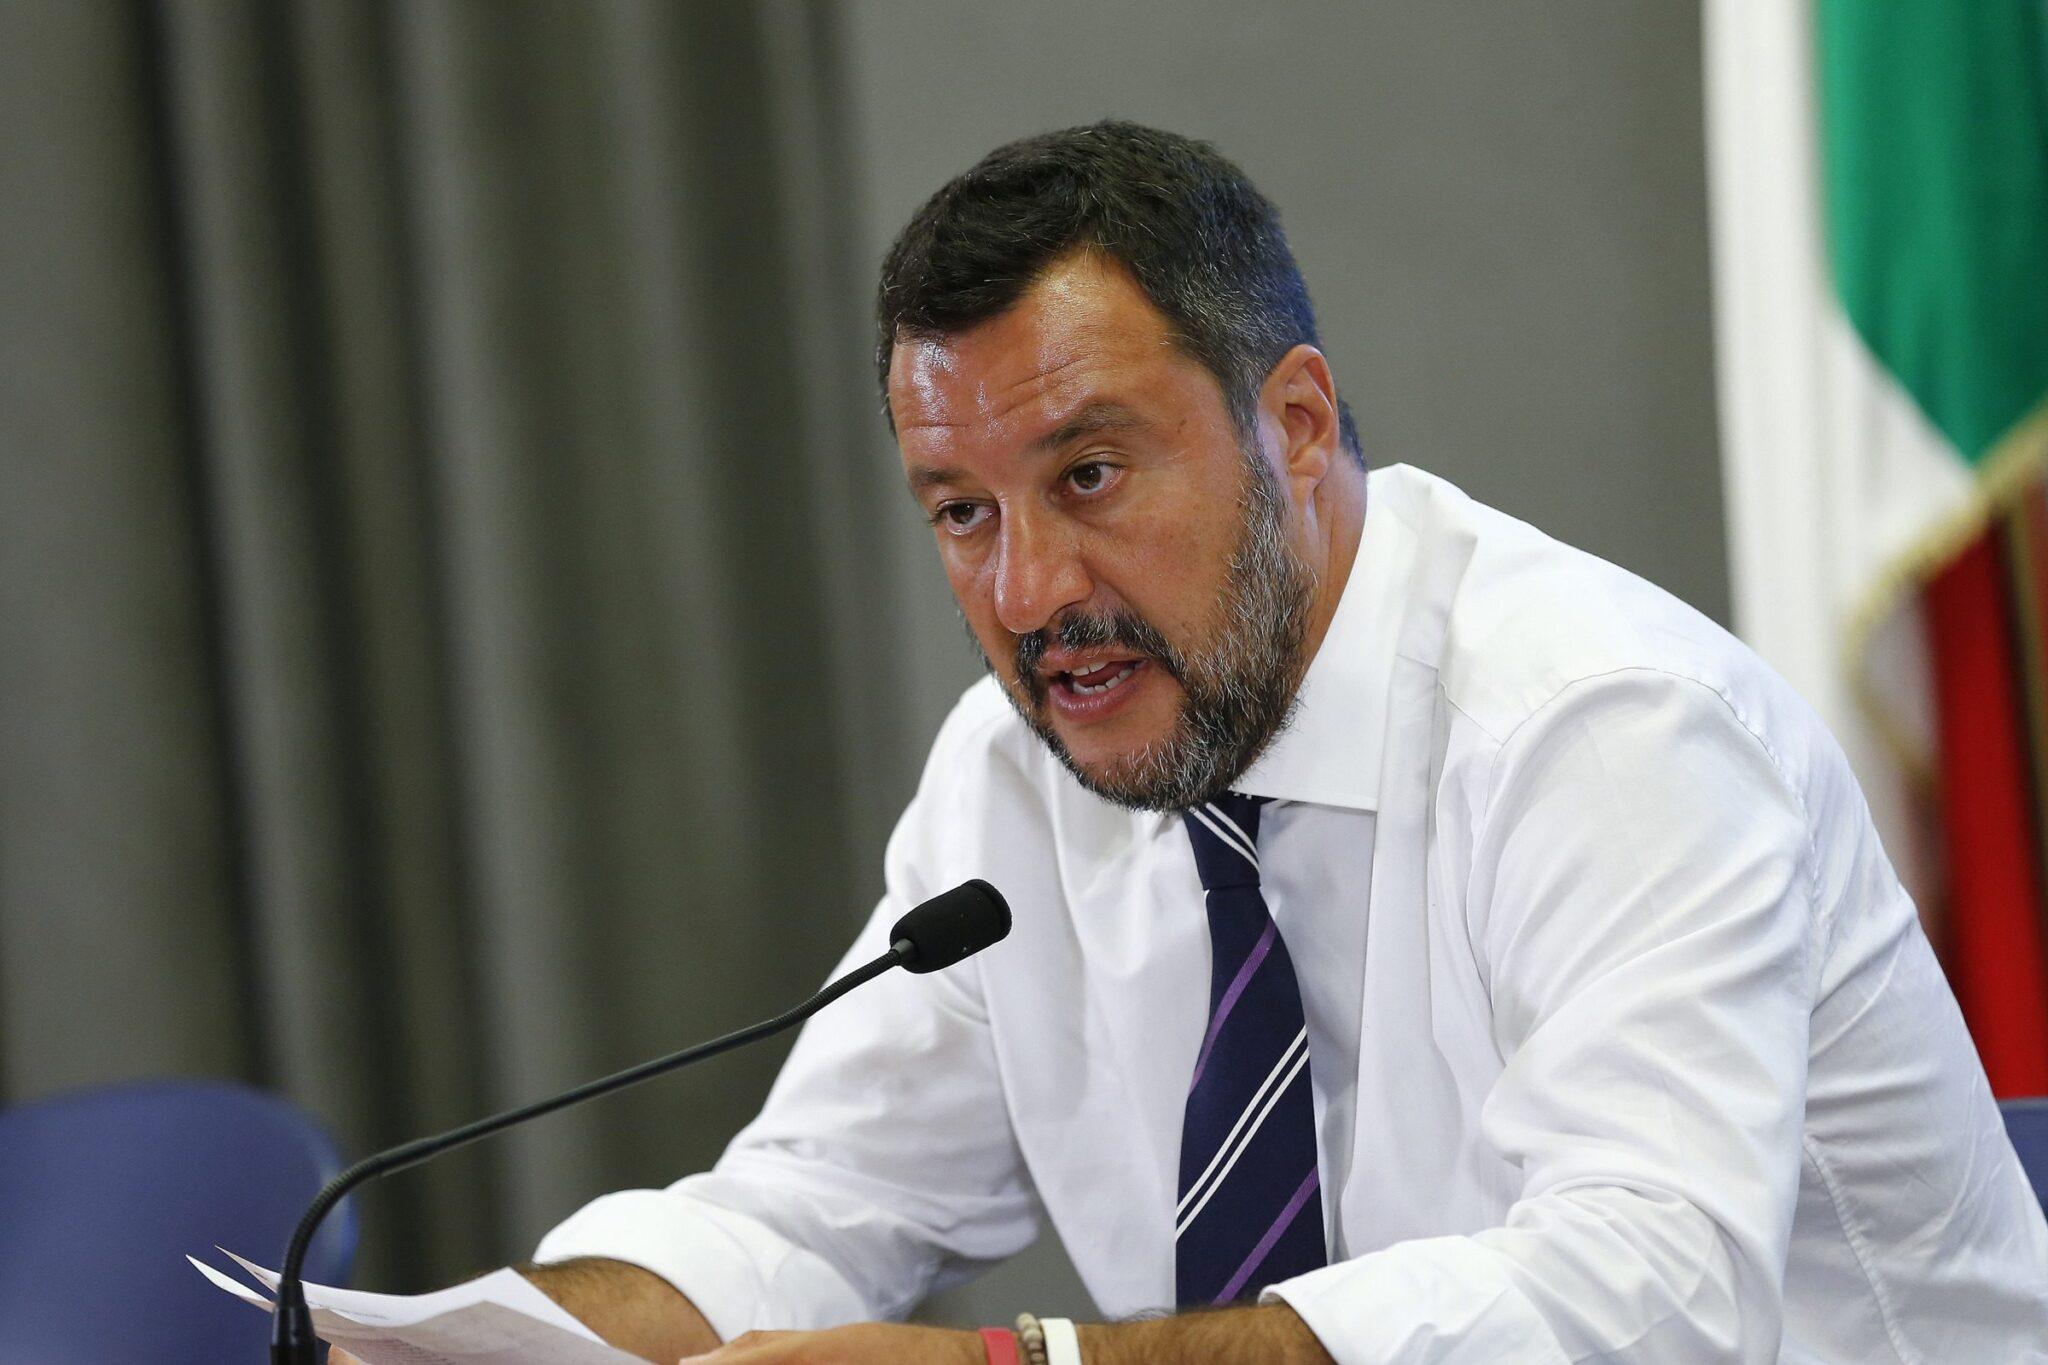 I meridionali votano Salvini perché è l'unico che li ascolta <br> Pd e M5s se ne fregano del Sud